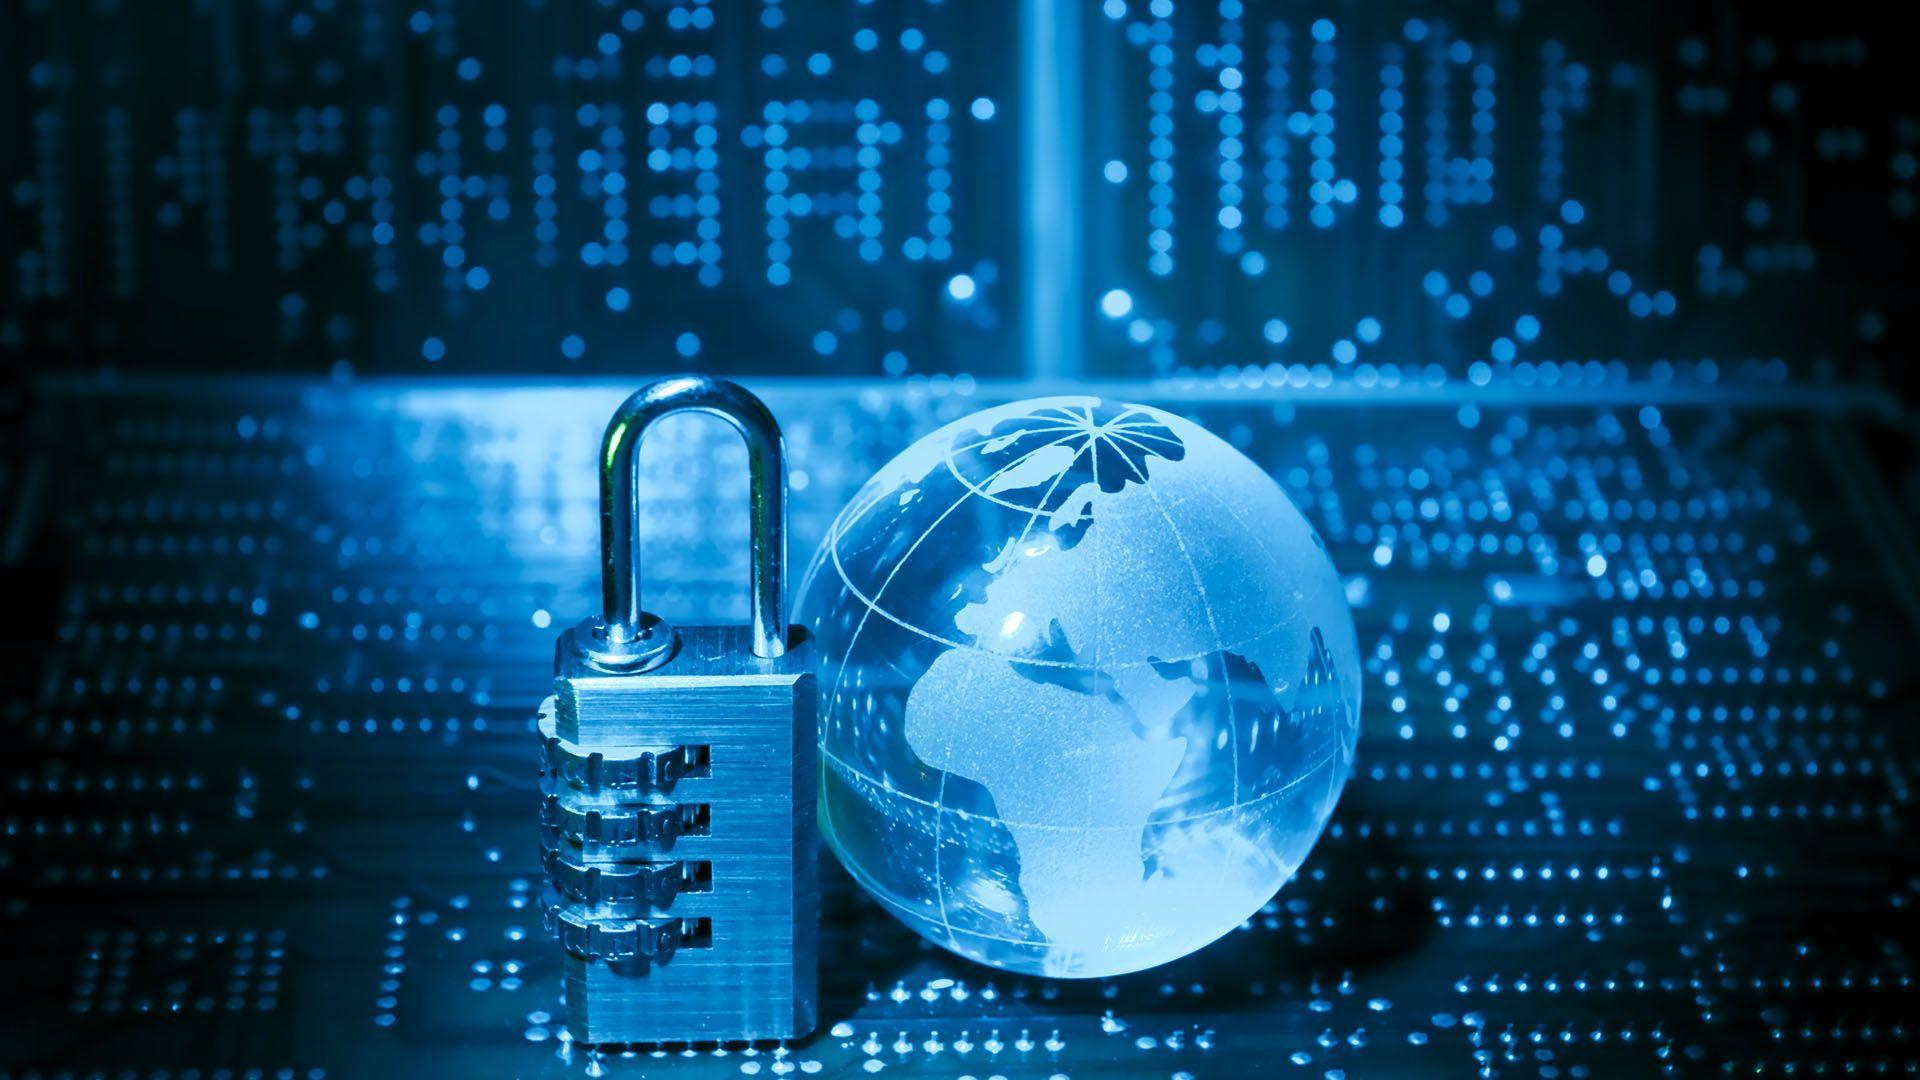 Znalezione obrazy dla zapytania cyber secure wallpaper